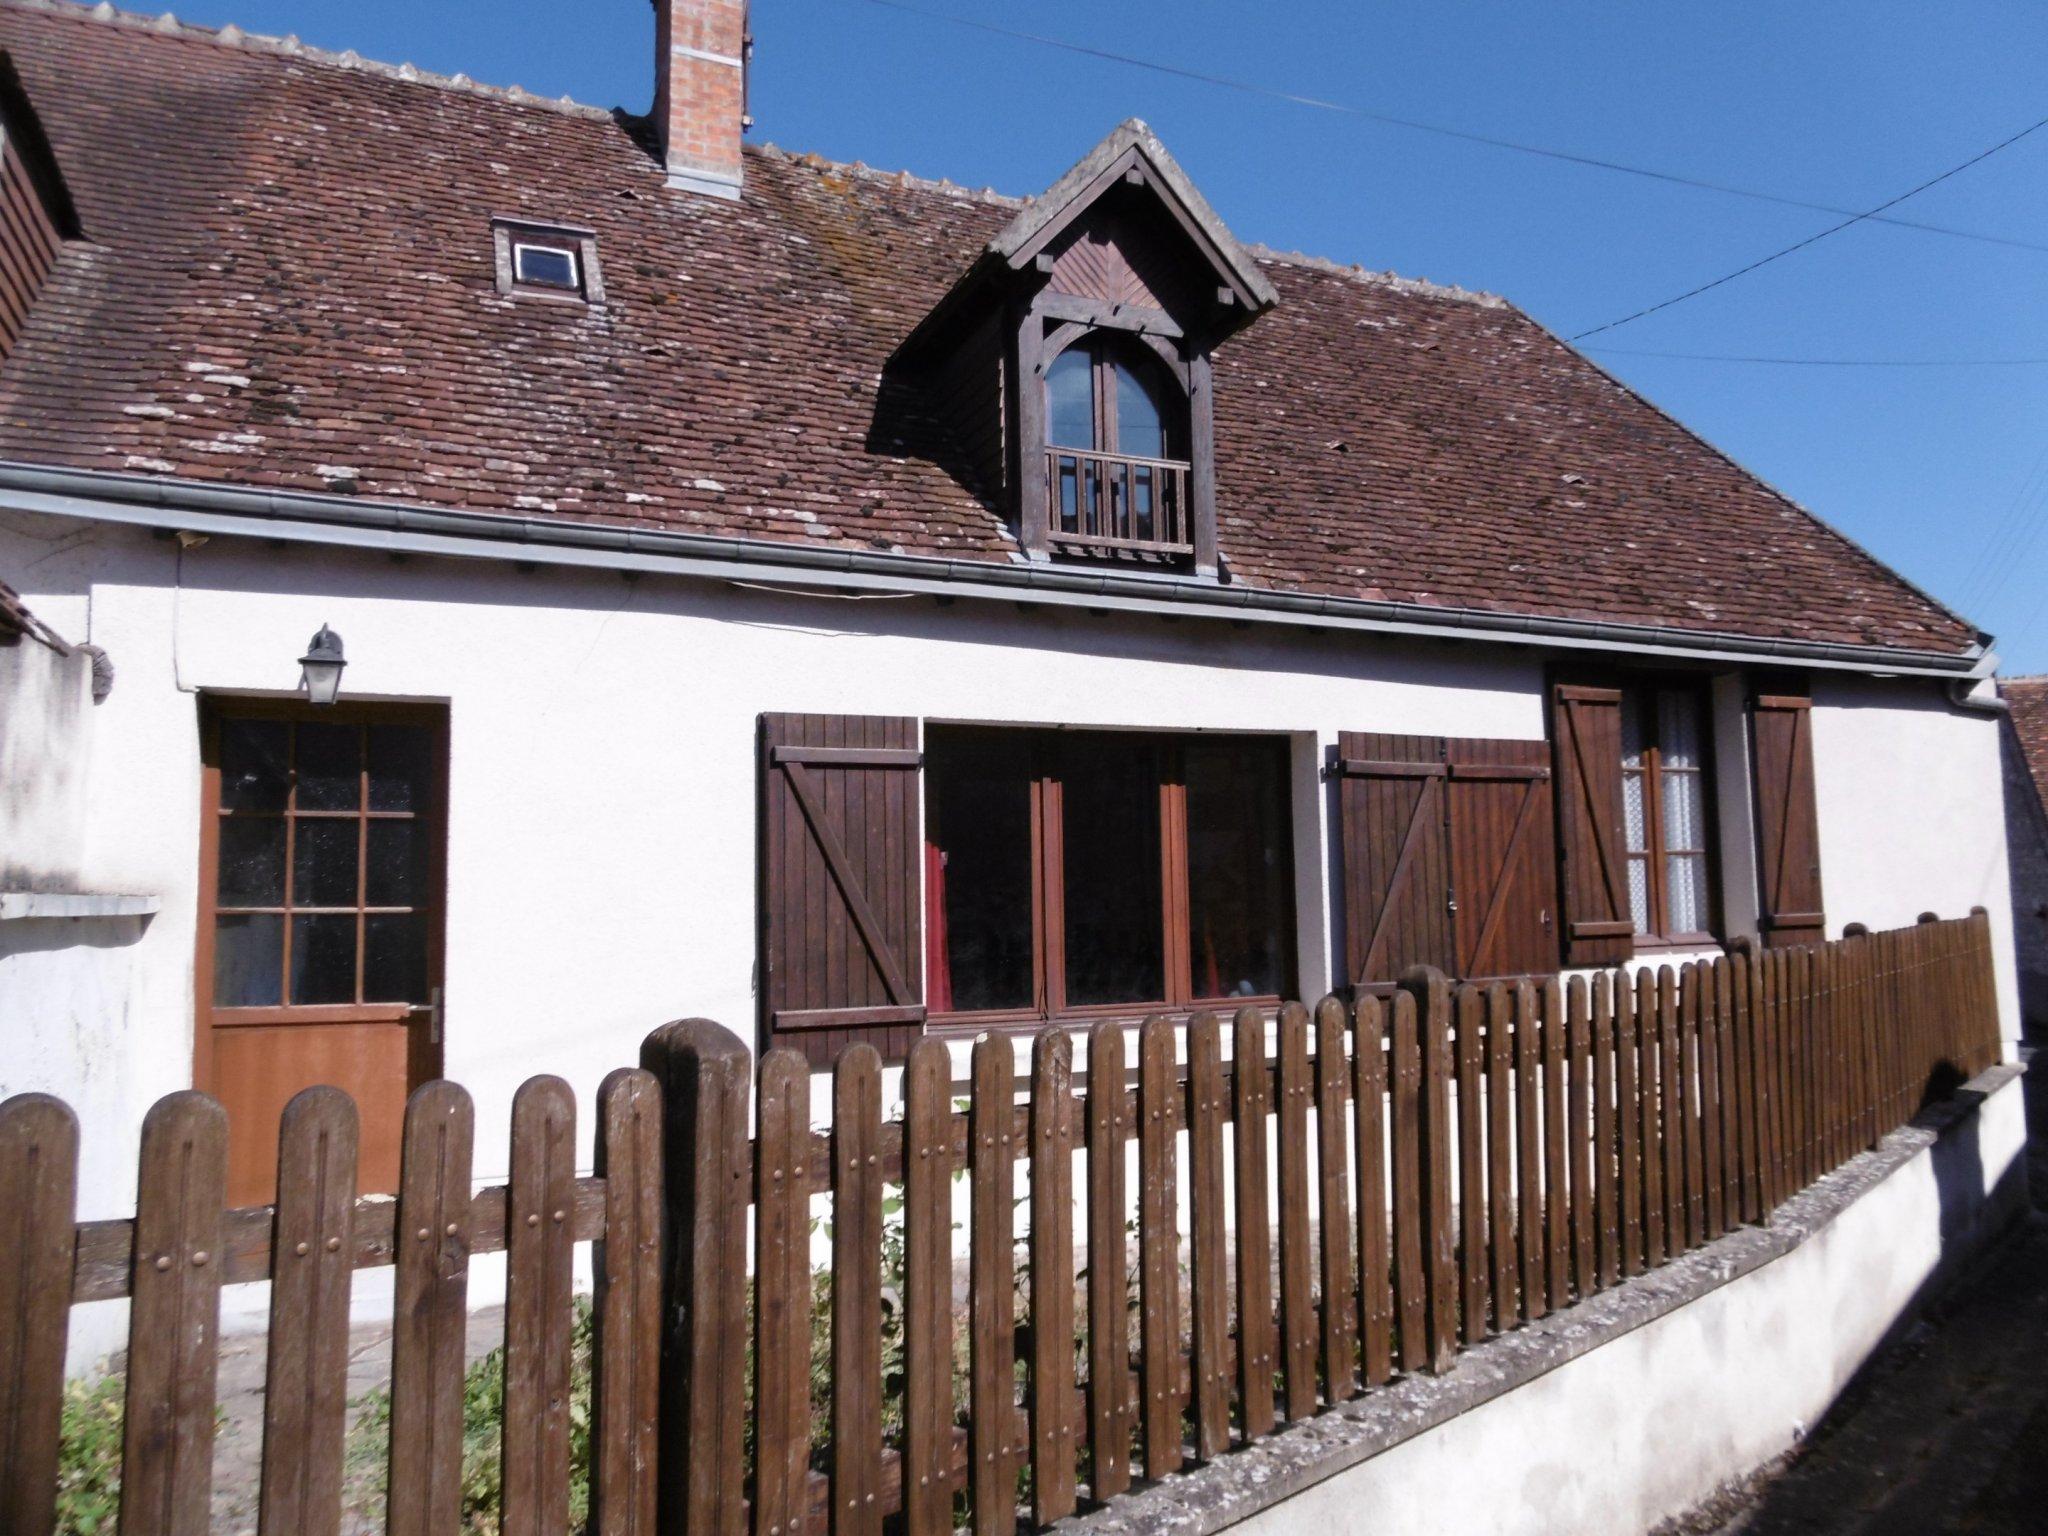 Vente Maison À Vendre Proche De Saint Aignan Sur Cher concernant Chambre D Hote Saint Aignan Sur Cher